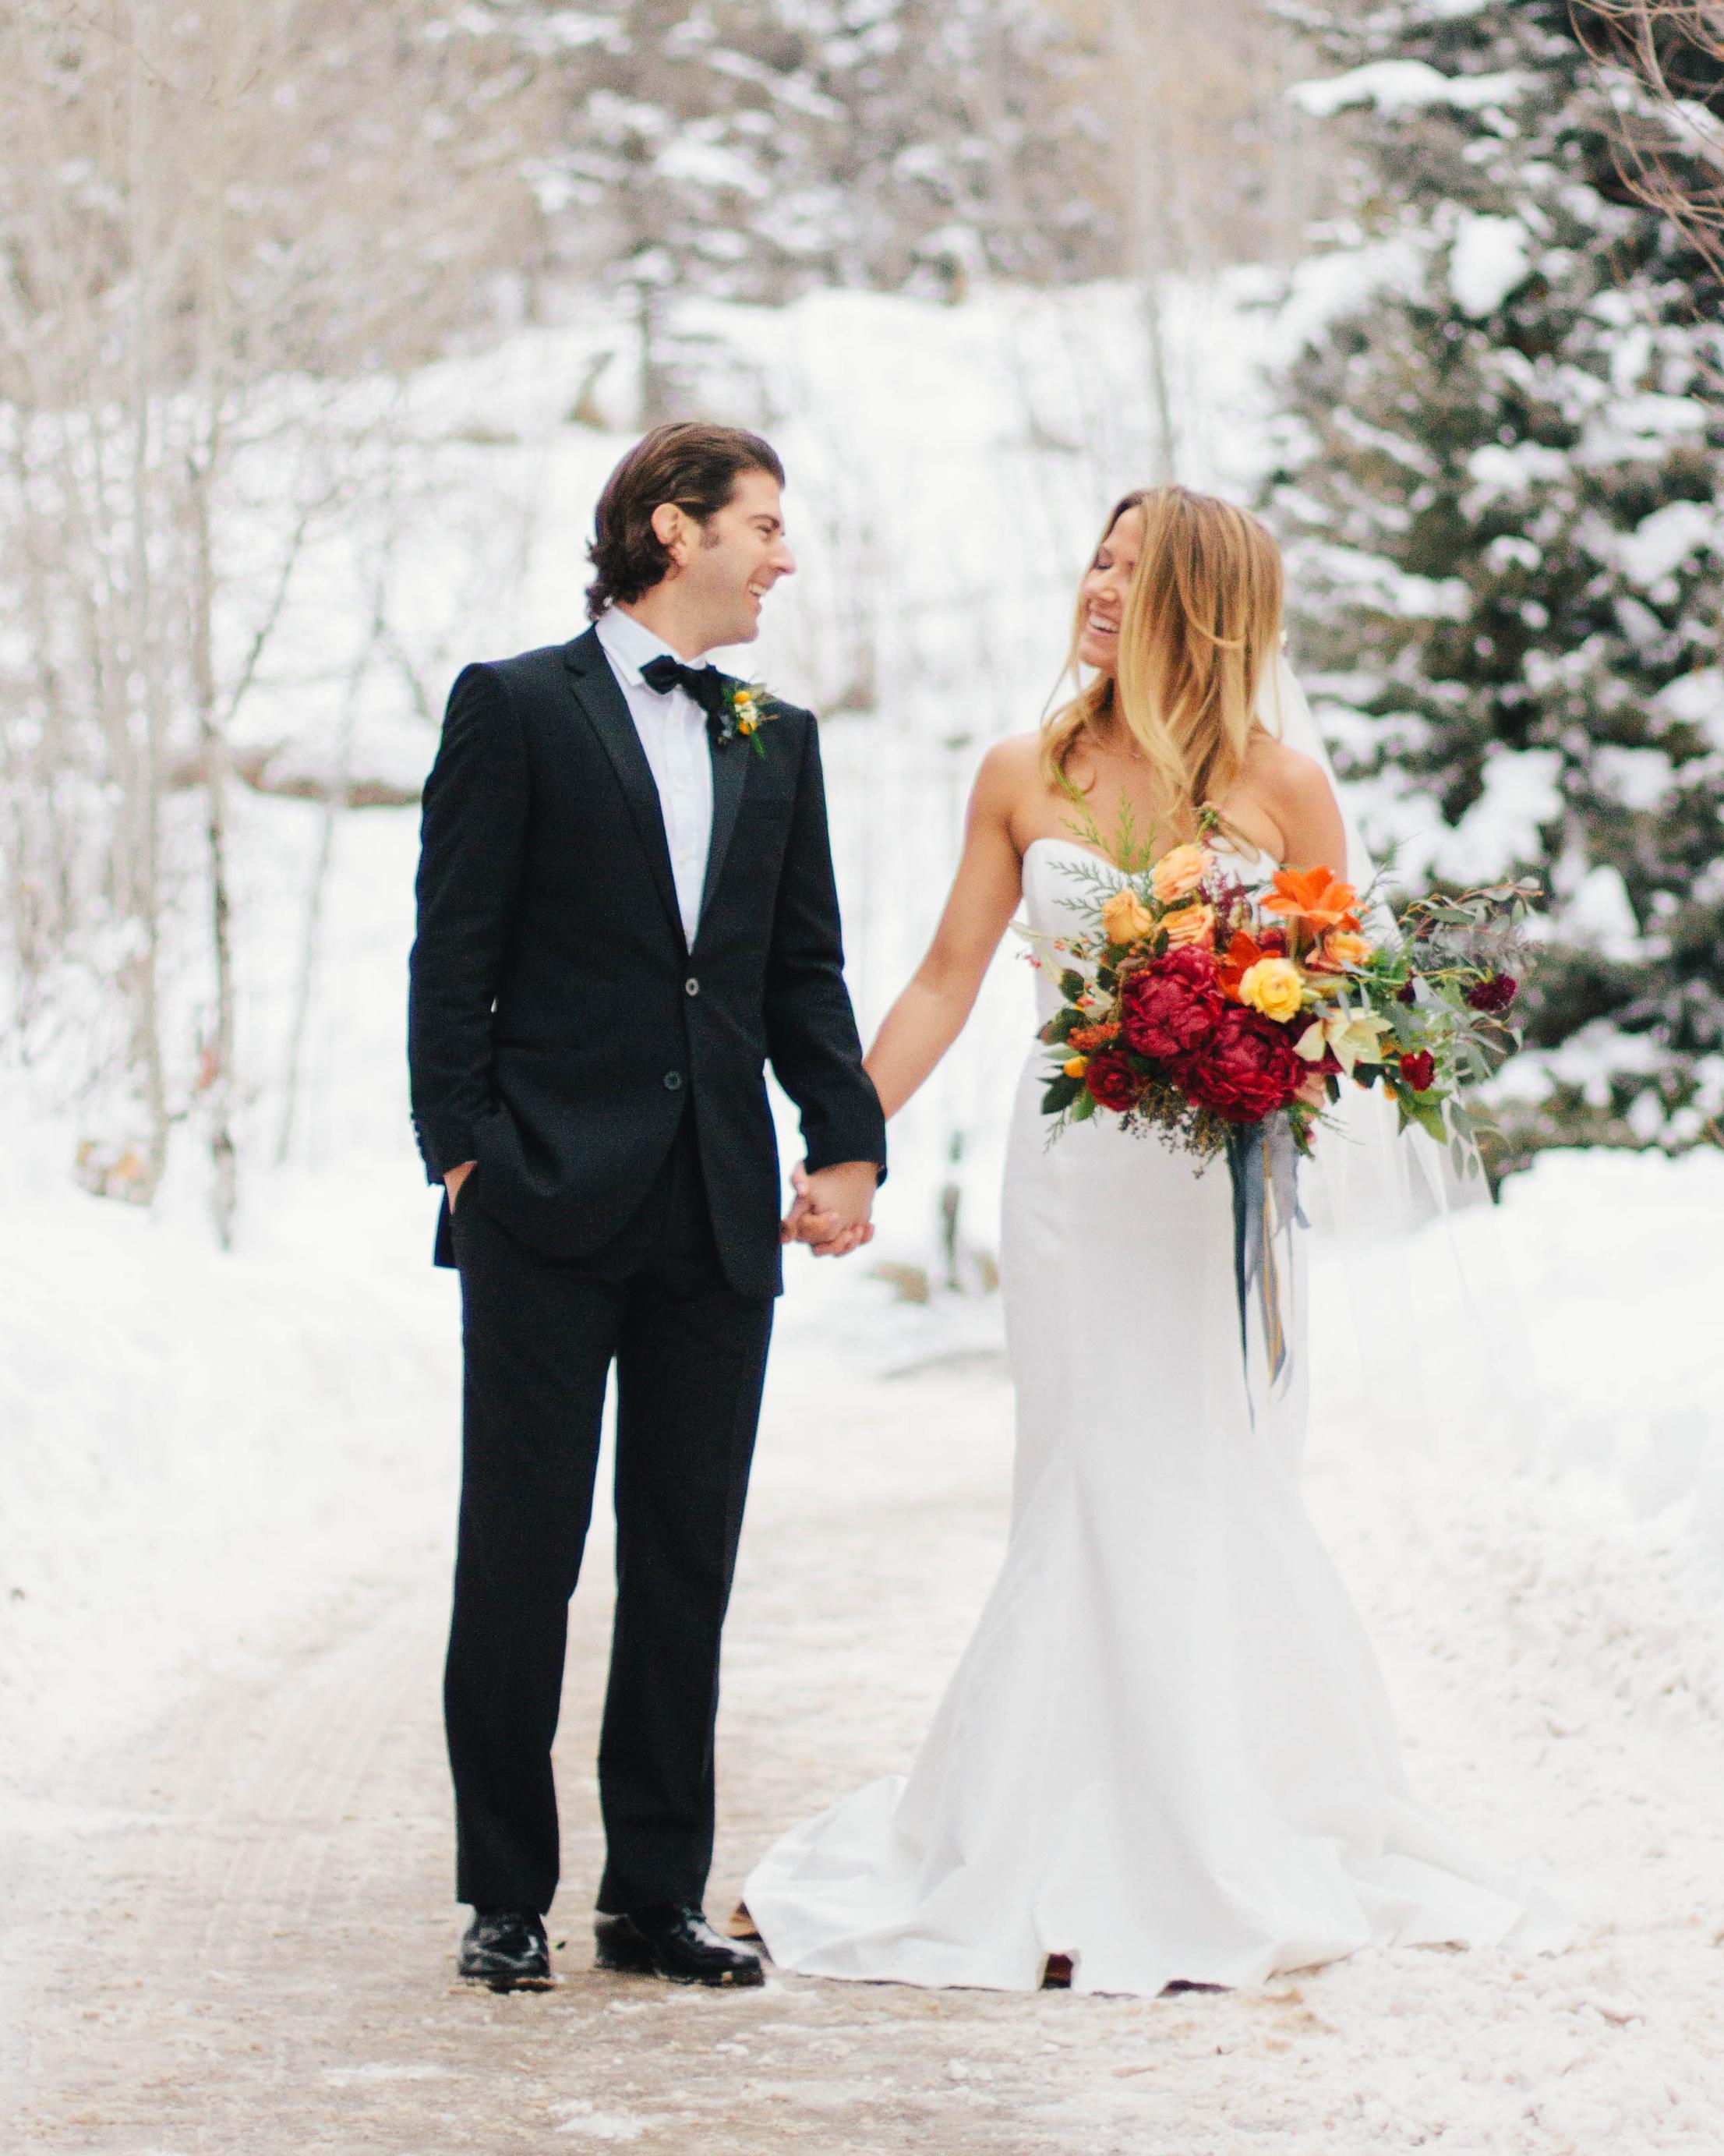 whitney-jordan-wedding-0910-ds111145.jpg